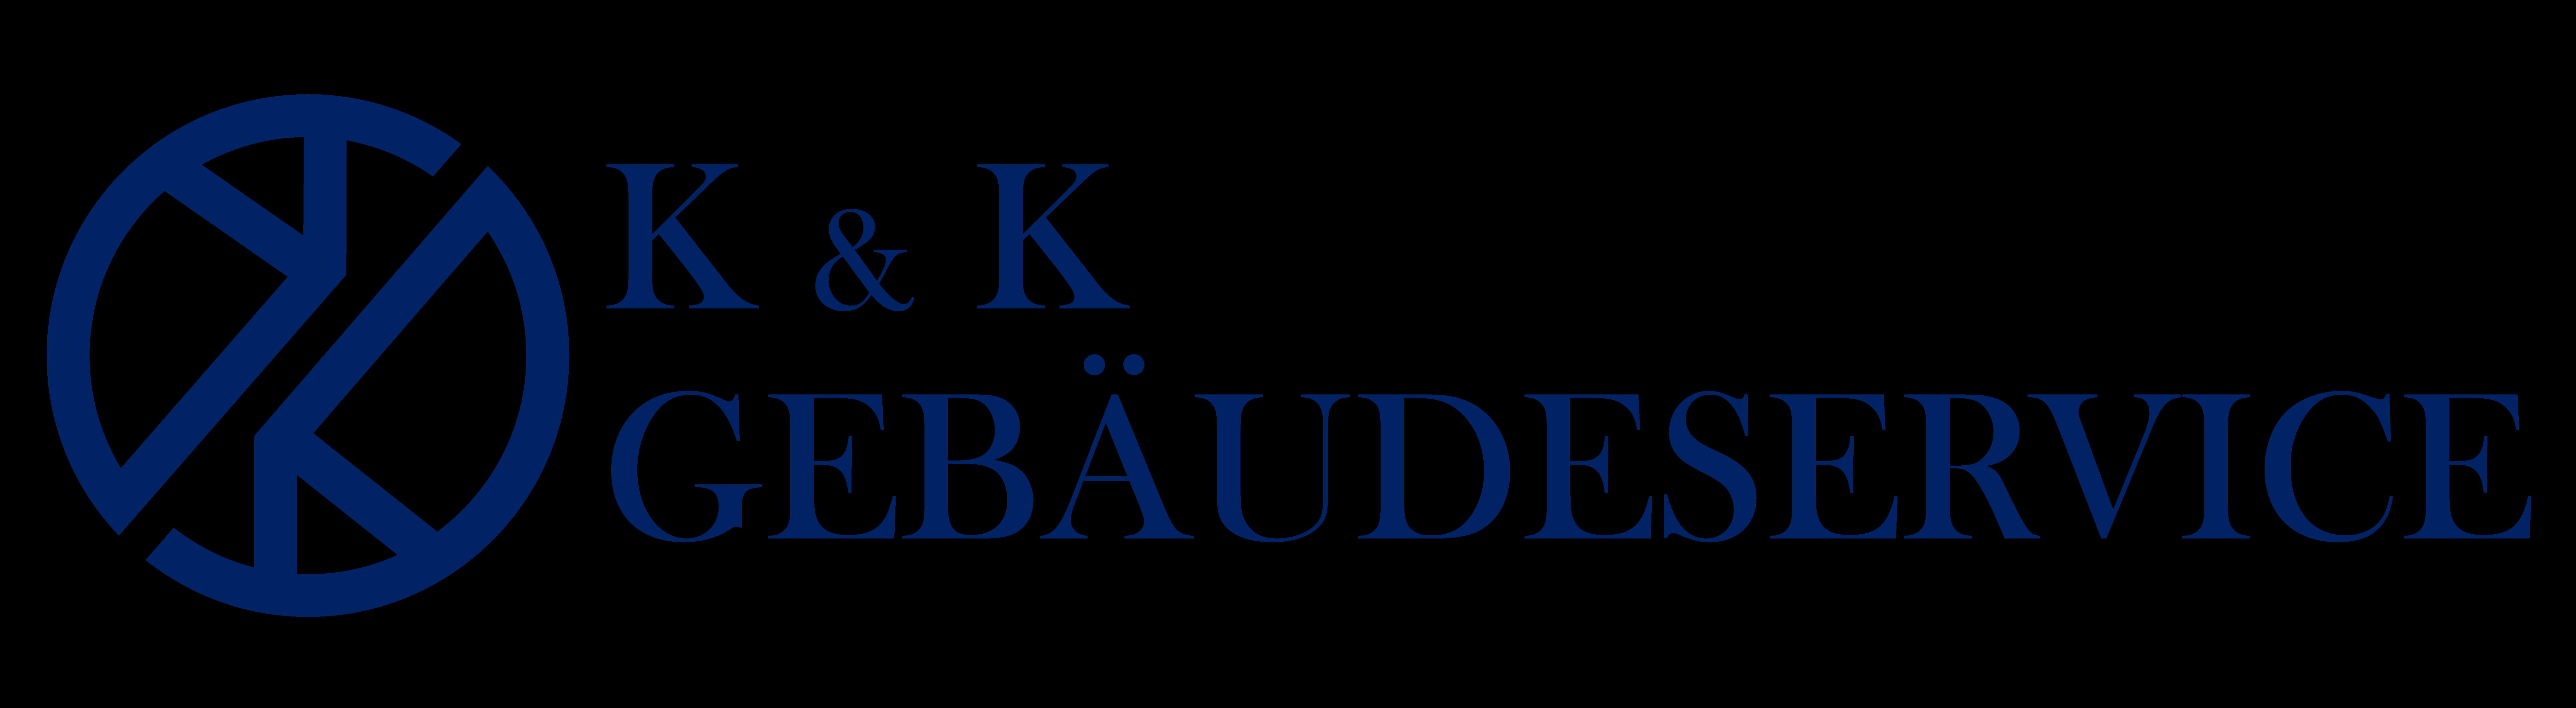 Ihre Reinigungsfirma für Gebäudereinigung in Rotenburg und Umzu